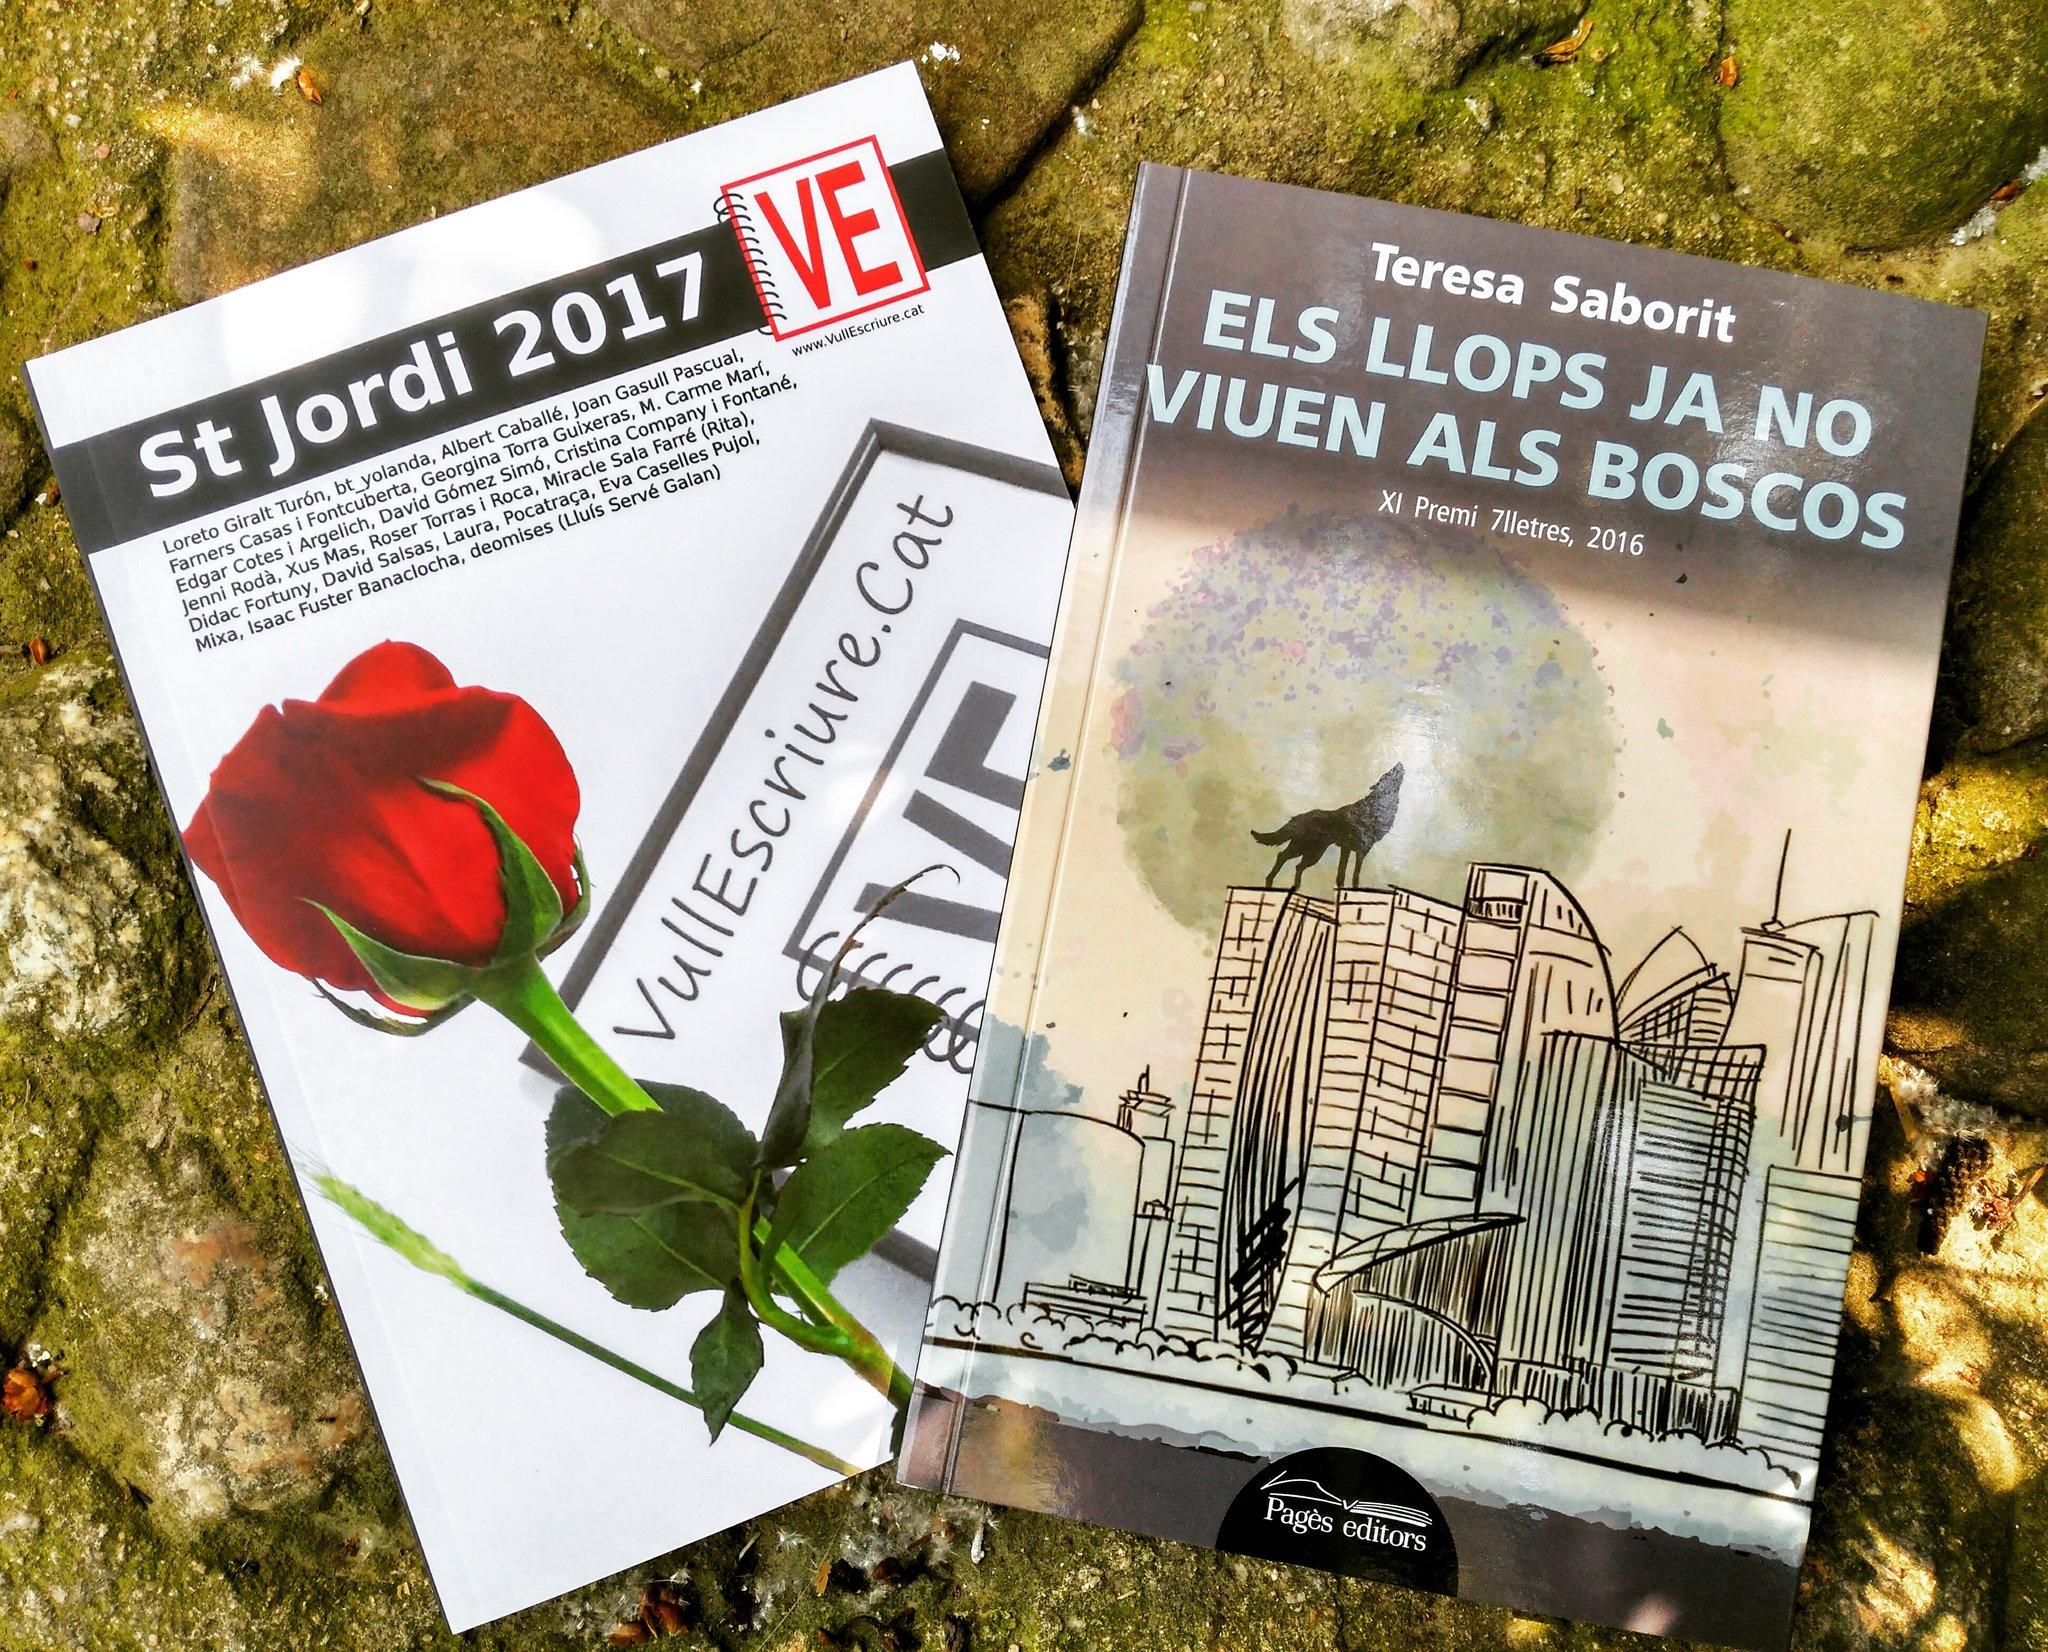 Els meus llibres de #SantJordi: #VullEscriure i #elsllopsjanoviuenalsboscos! Se us acudeix millor companyia? 😉🐉🌹📚 https://t.co/NjvjlTYeoS https://t.co/suVEnehPxL